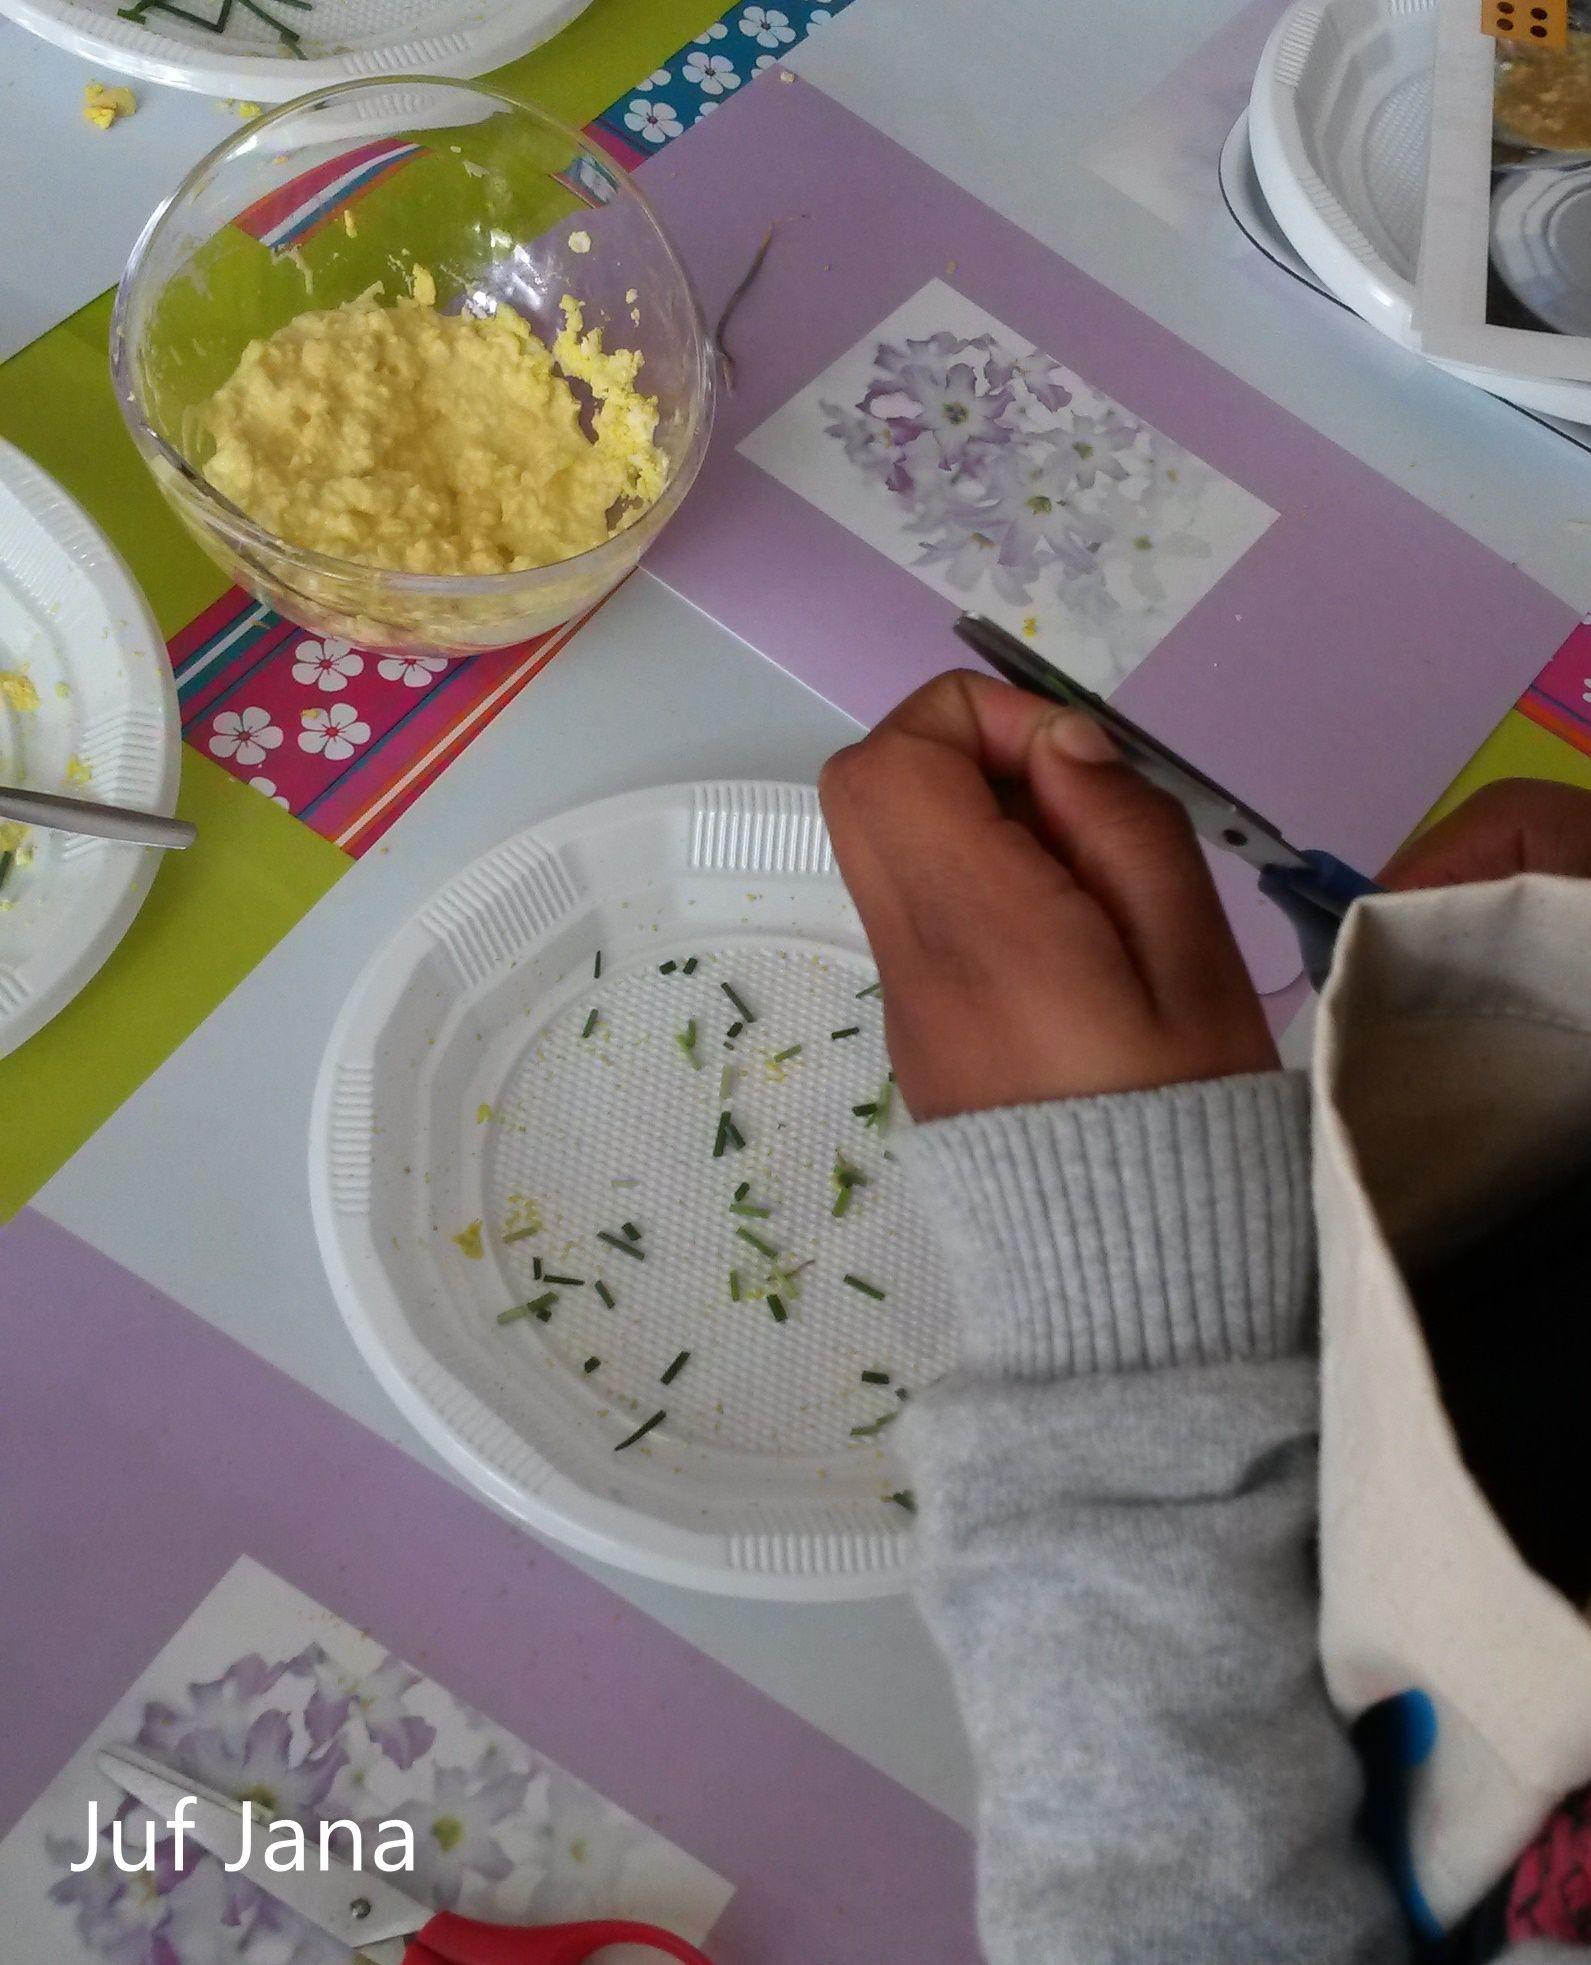 Bieslook fijn knippen om het toastje met eiersalade te versieren. Eiersalade klaarmaken volgens stappenplan